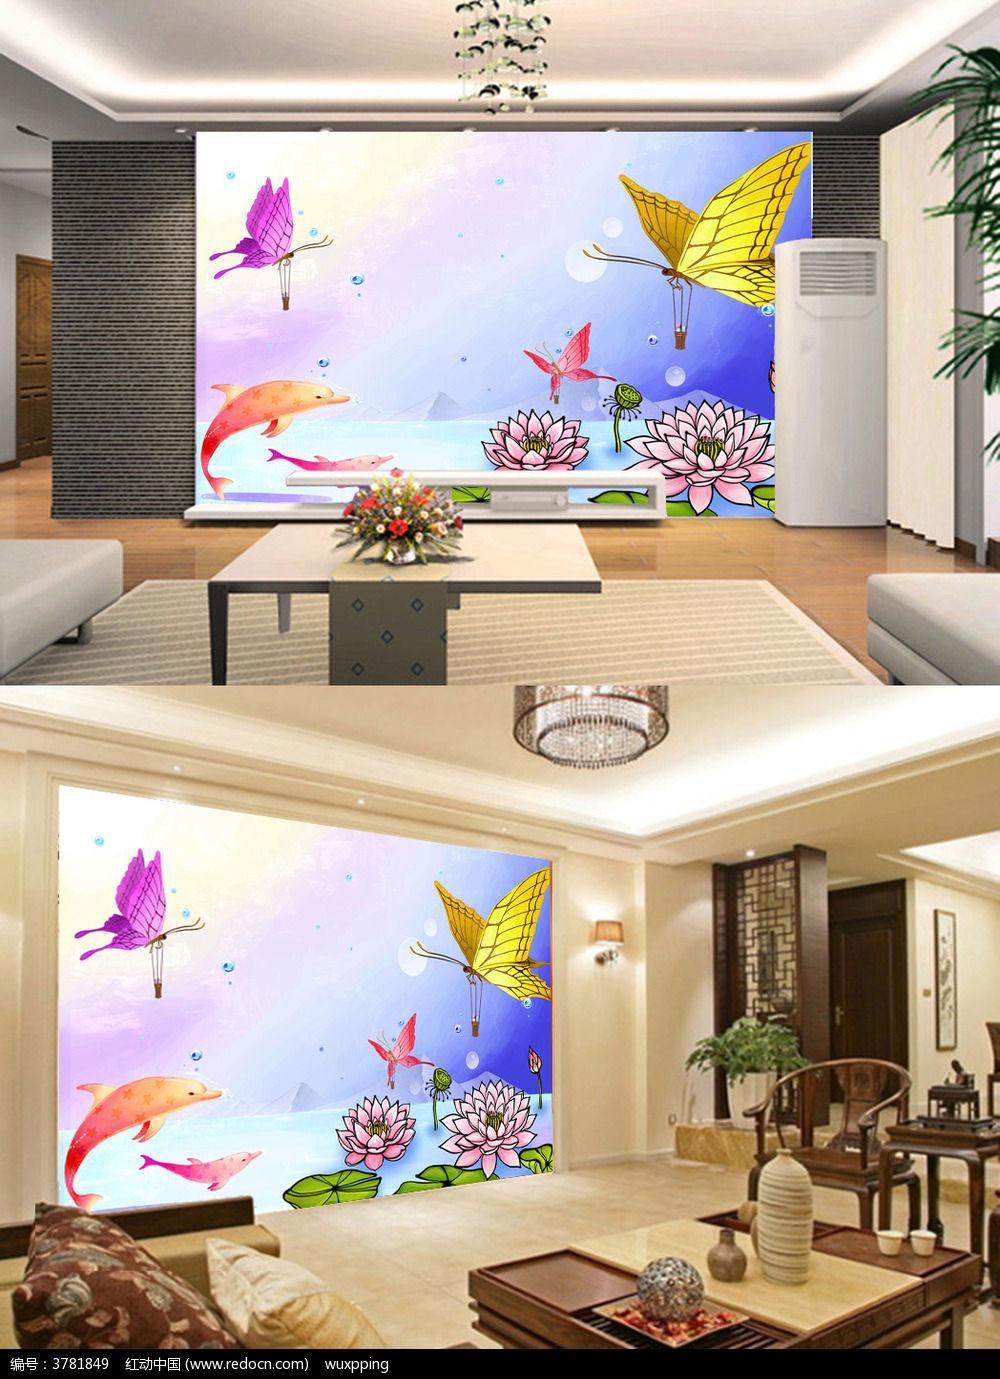 莲花 油画 油布 水彩画 中国风 温馨 浪漫温馨 婚房 大堂 大厅 客厅 酒